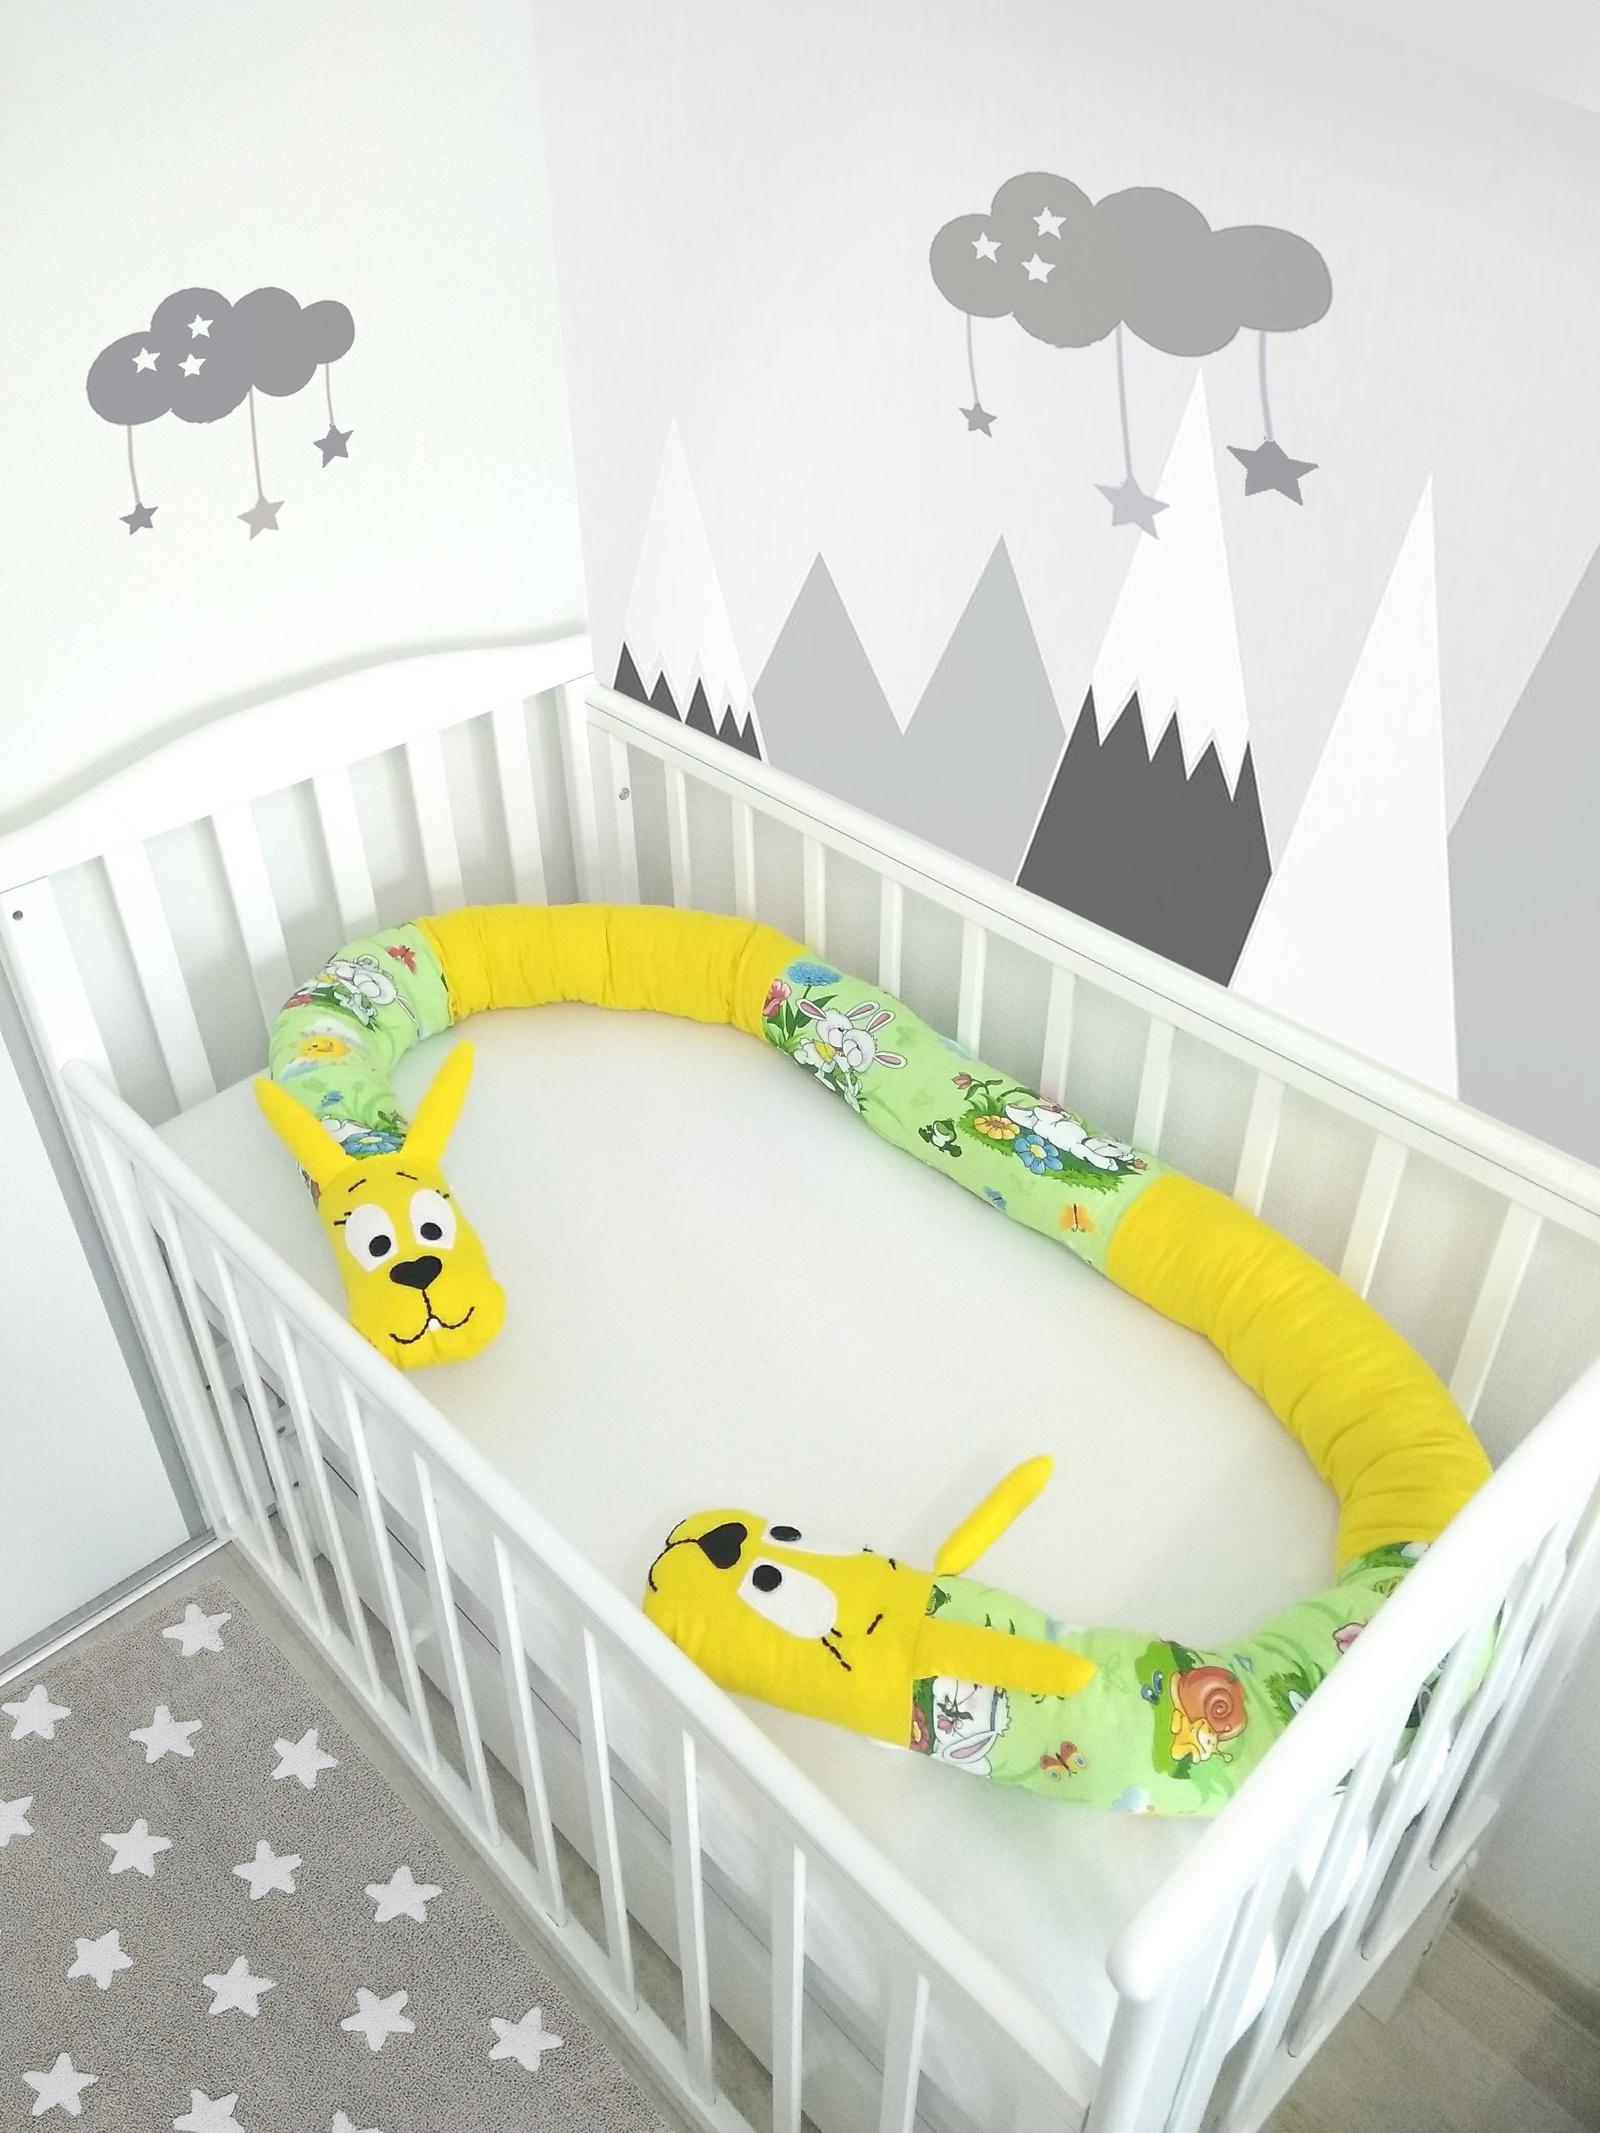 Бортик в кроватку Pillolu Зайчонок (желтый, салатовый)